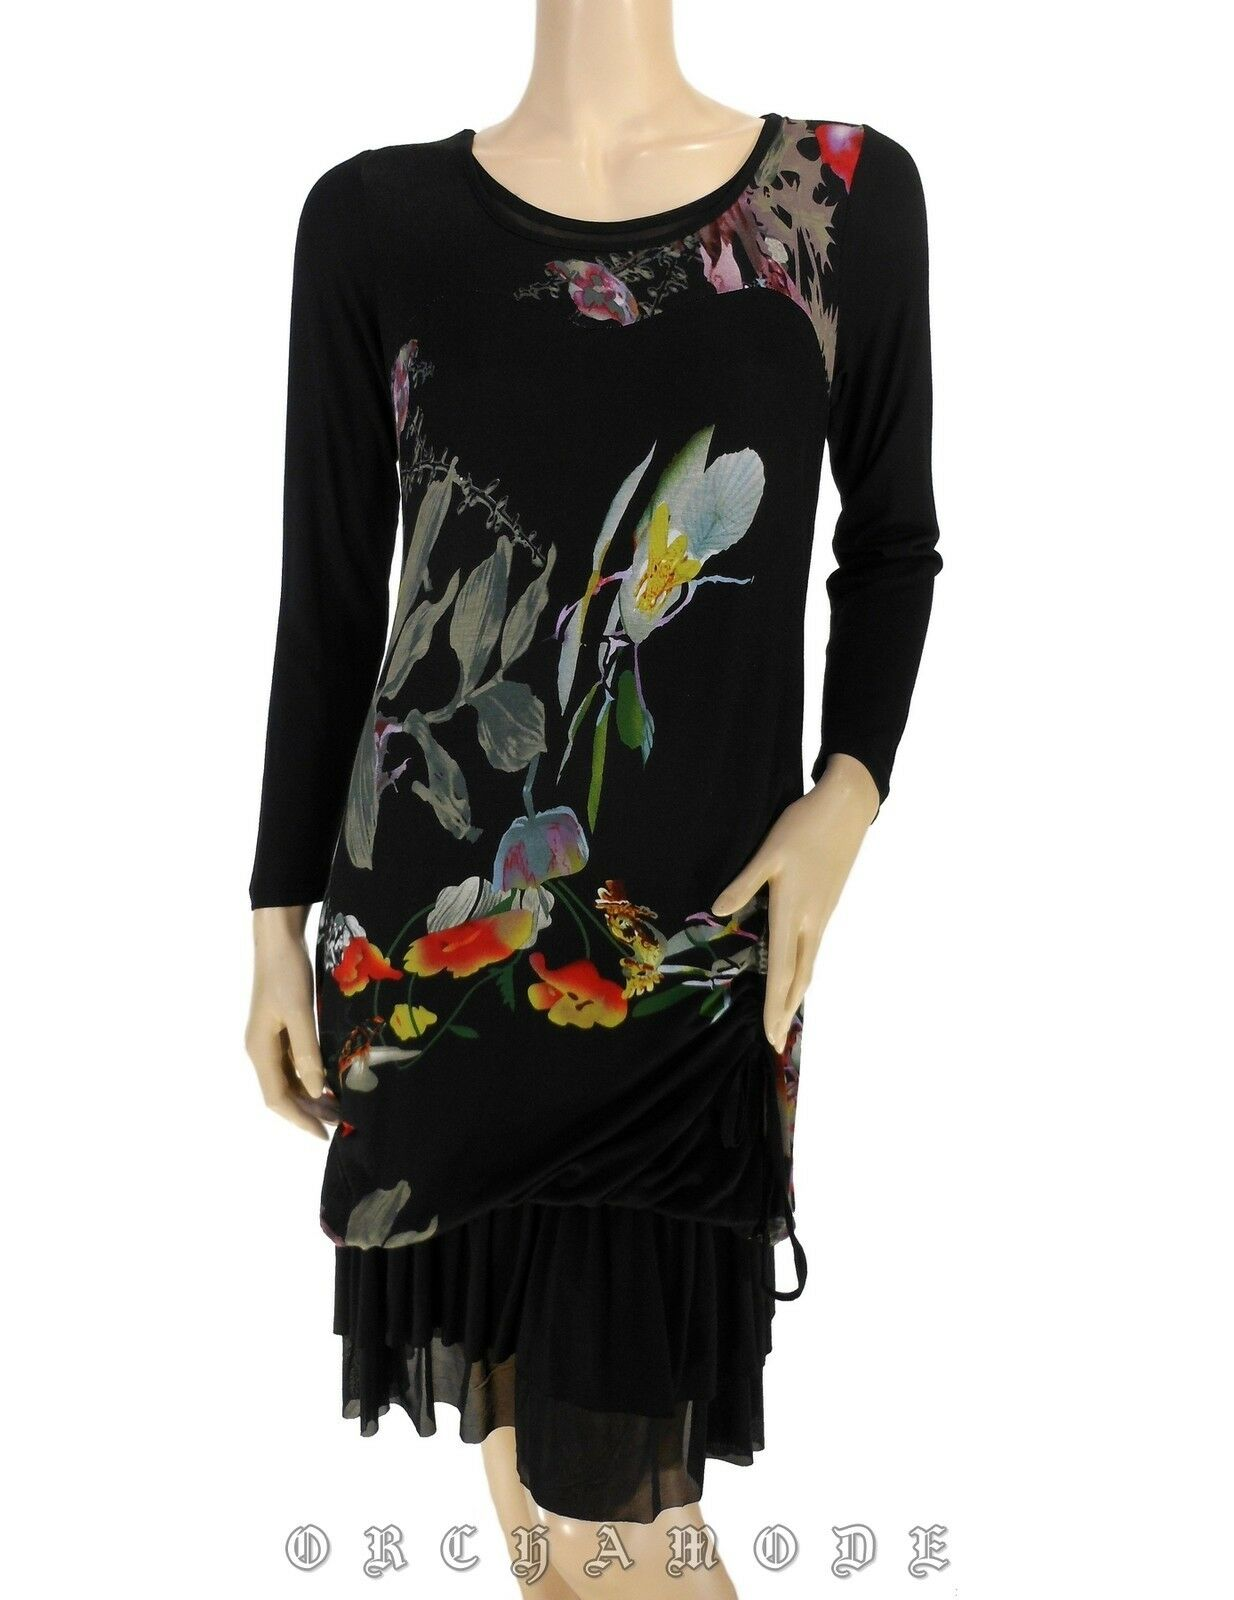 Robe ELLEA T 38 M 2 schwarz Floral Volants Tunique Printemps NEUF Dress Kleid Abido